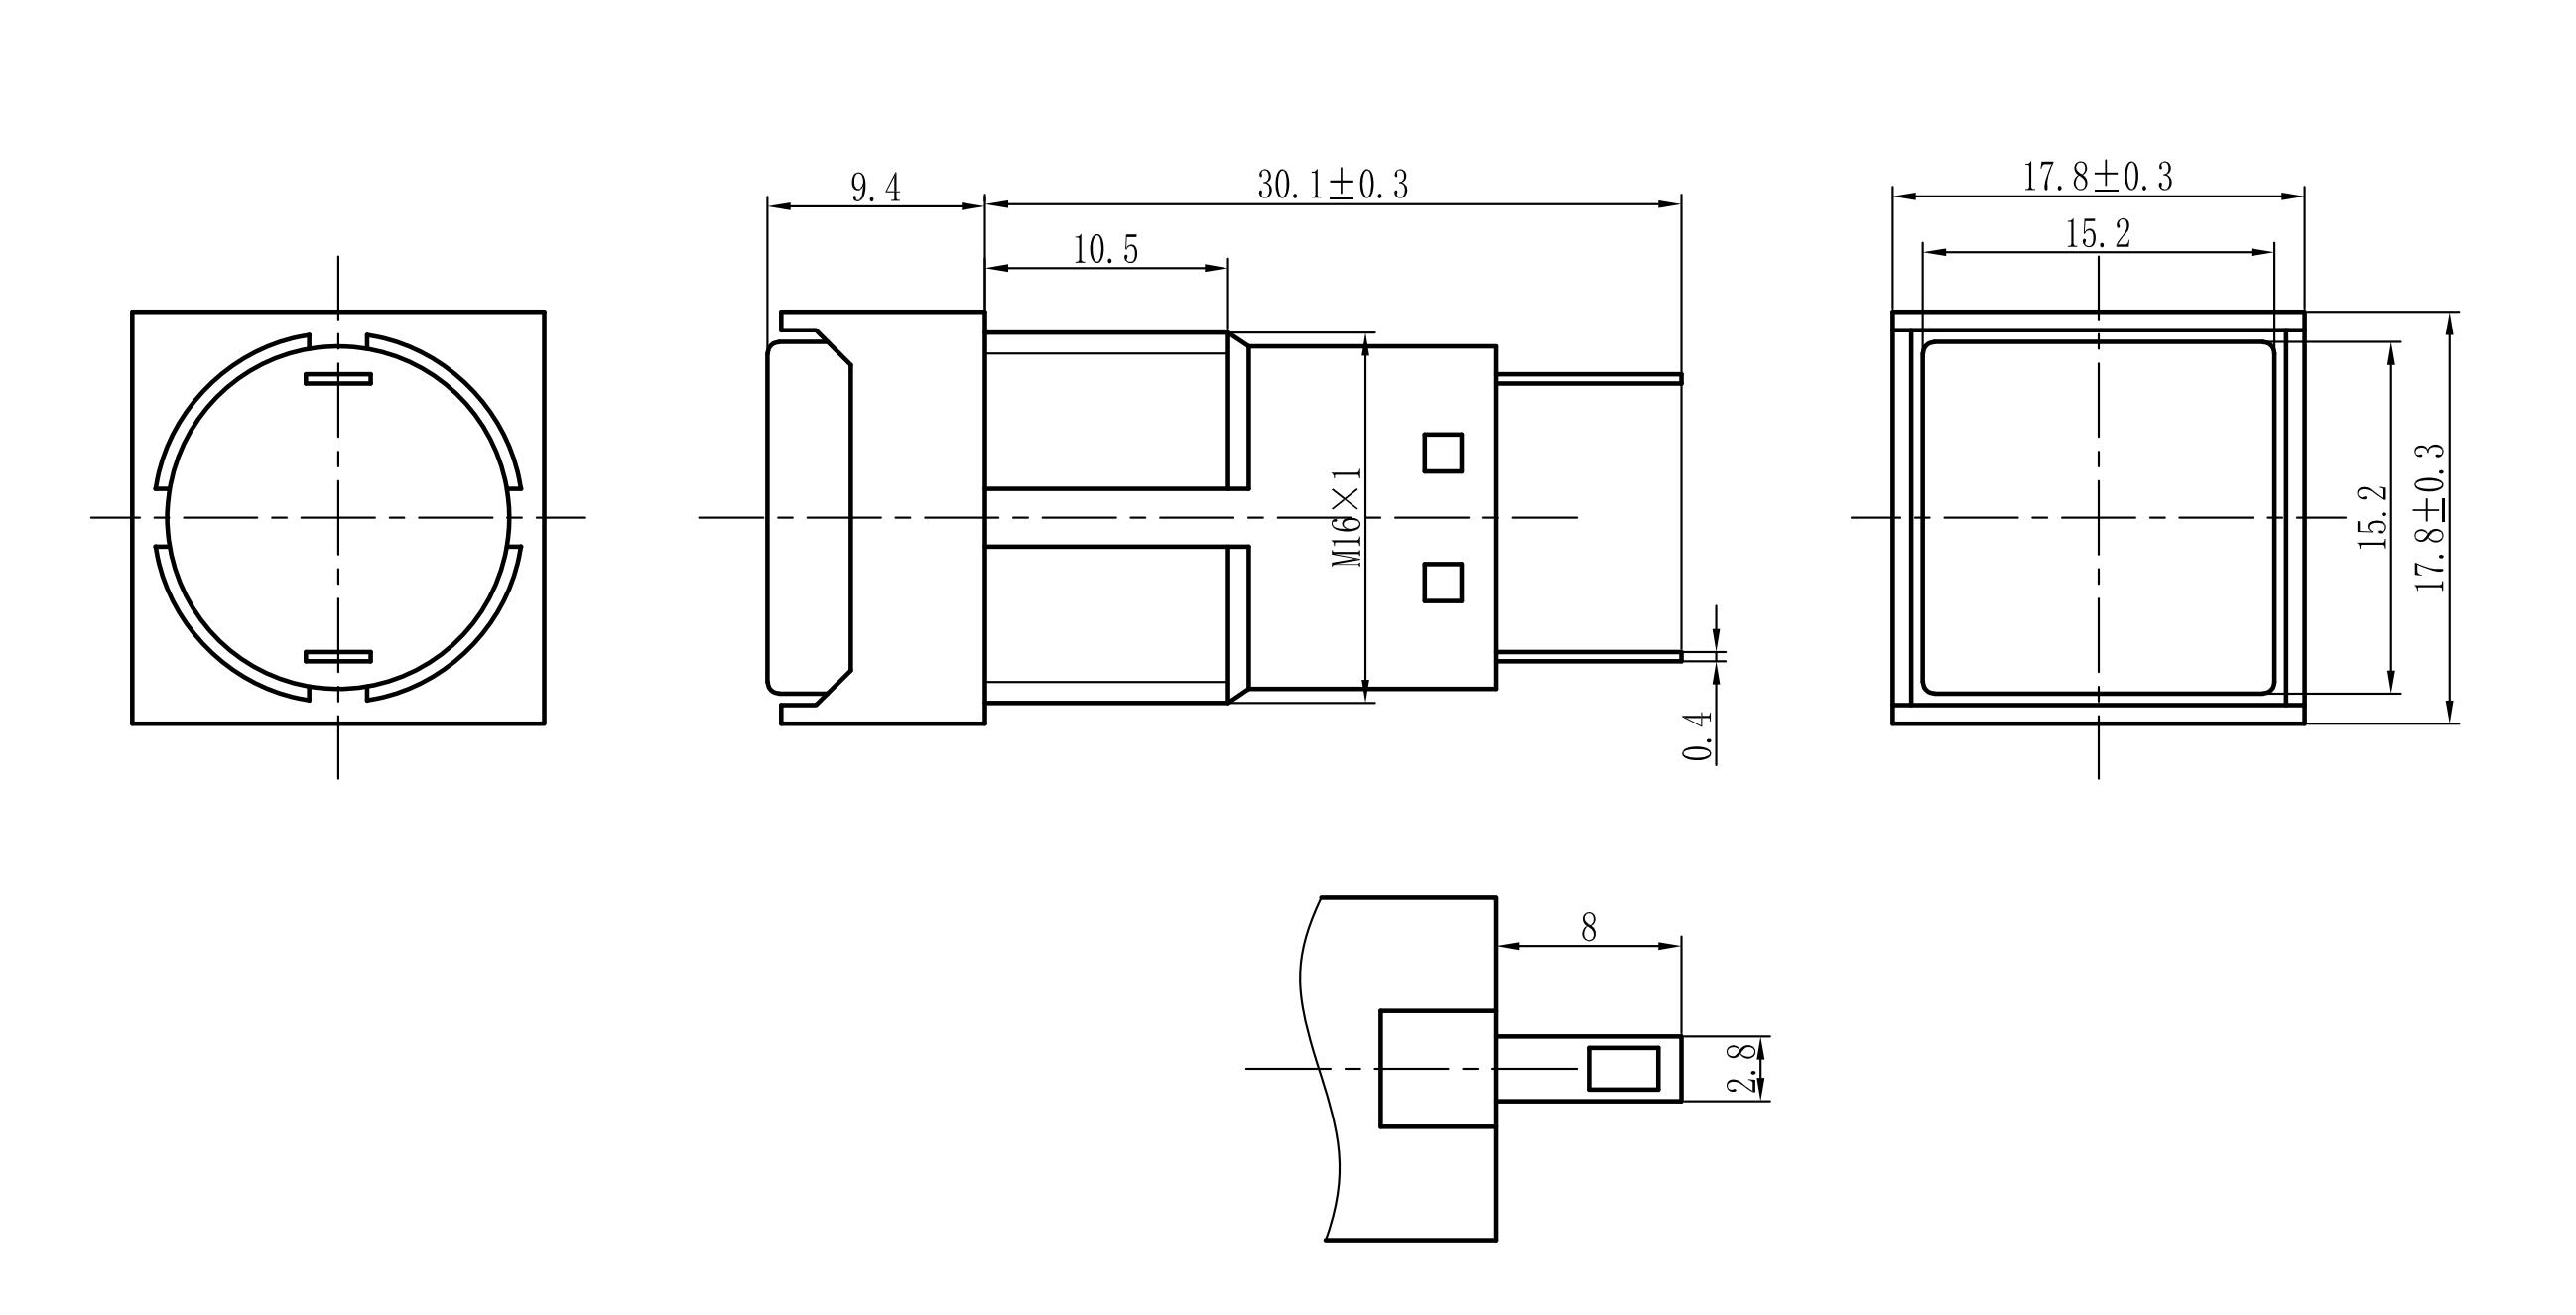 FL1P-16NJ-6